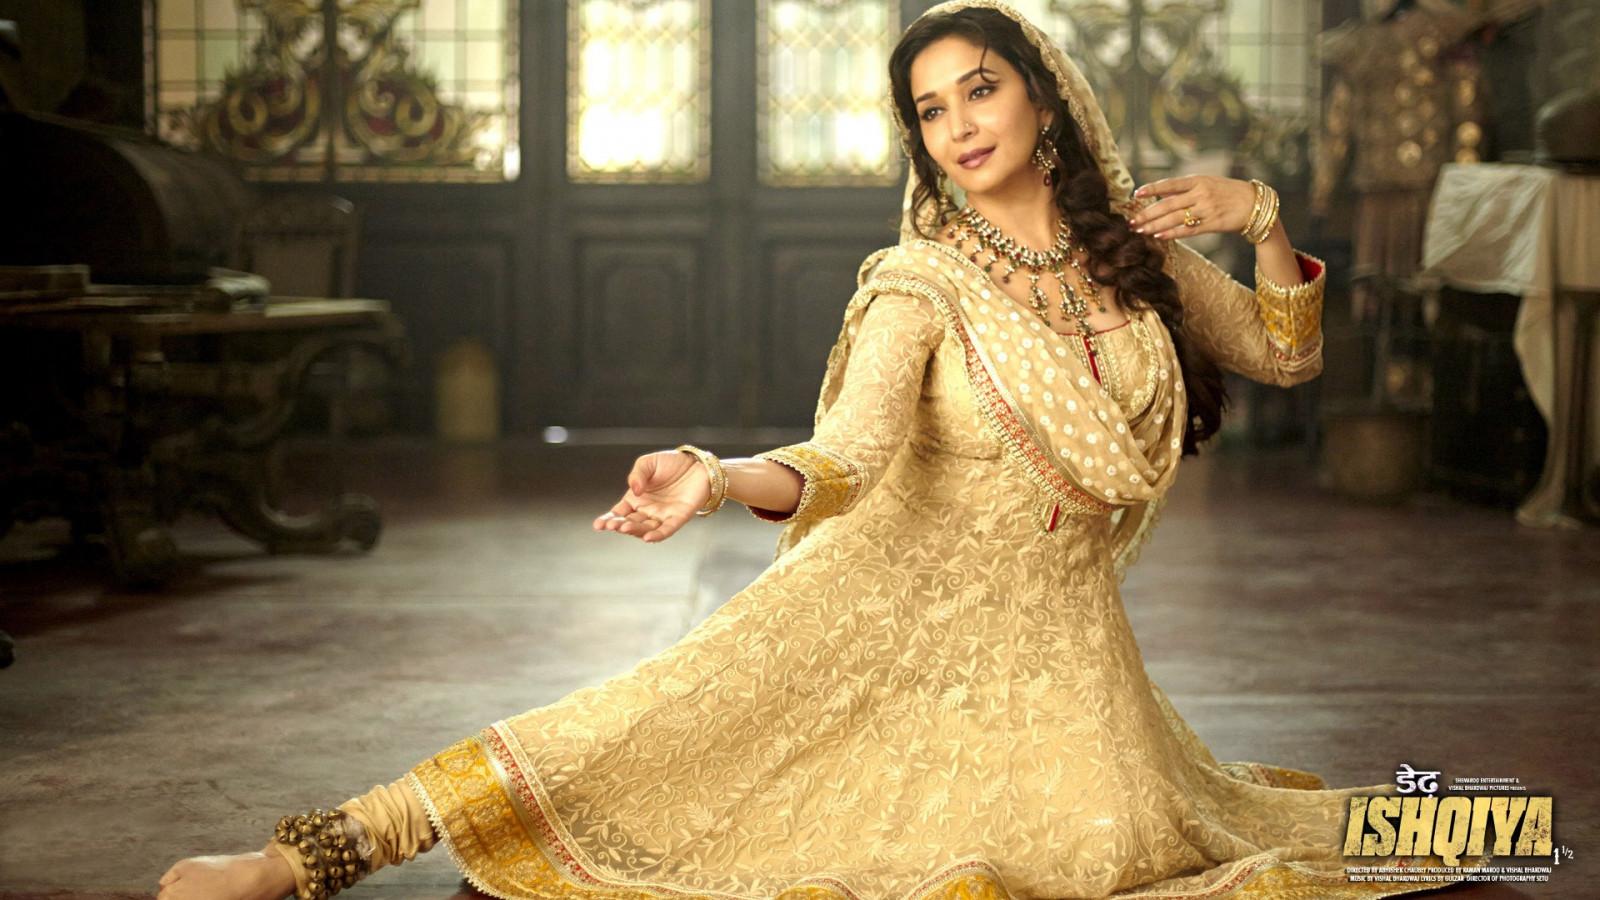 Fashion hindi film song 95